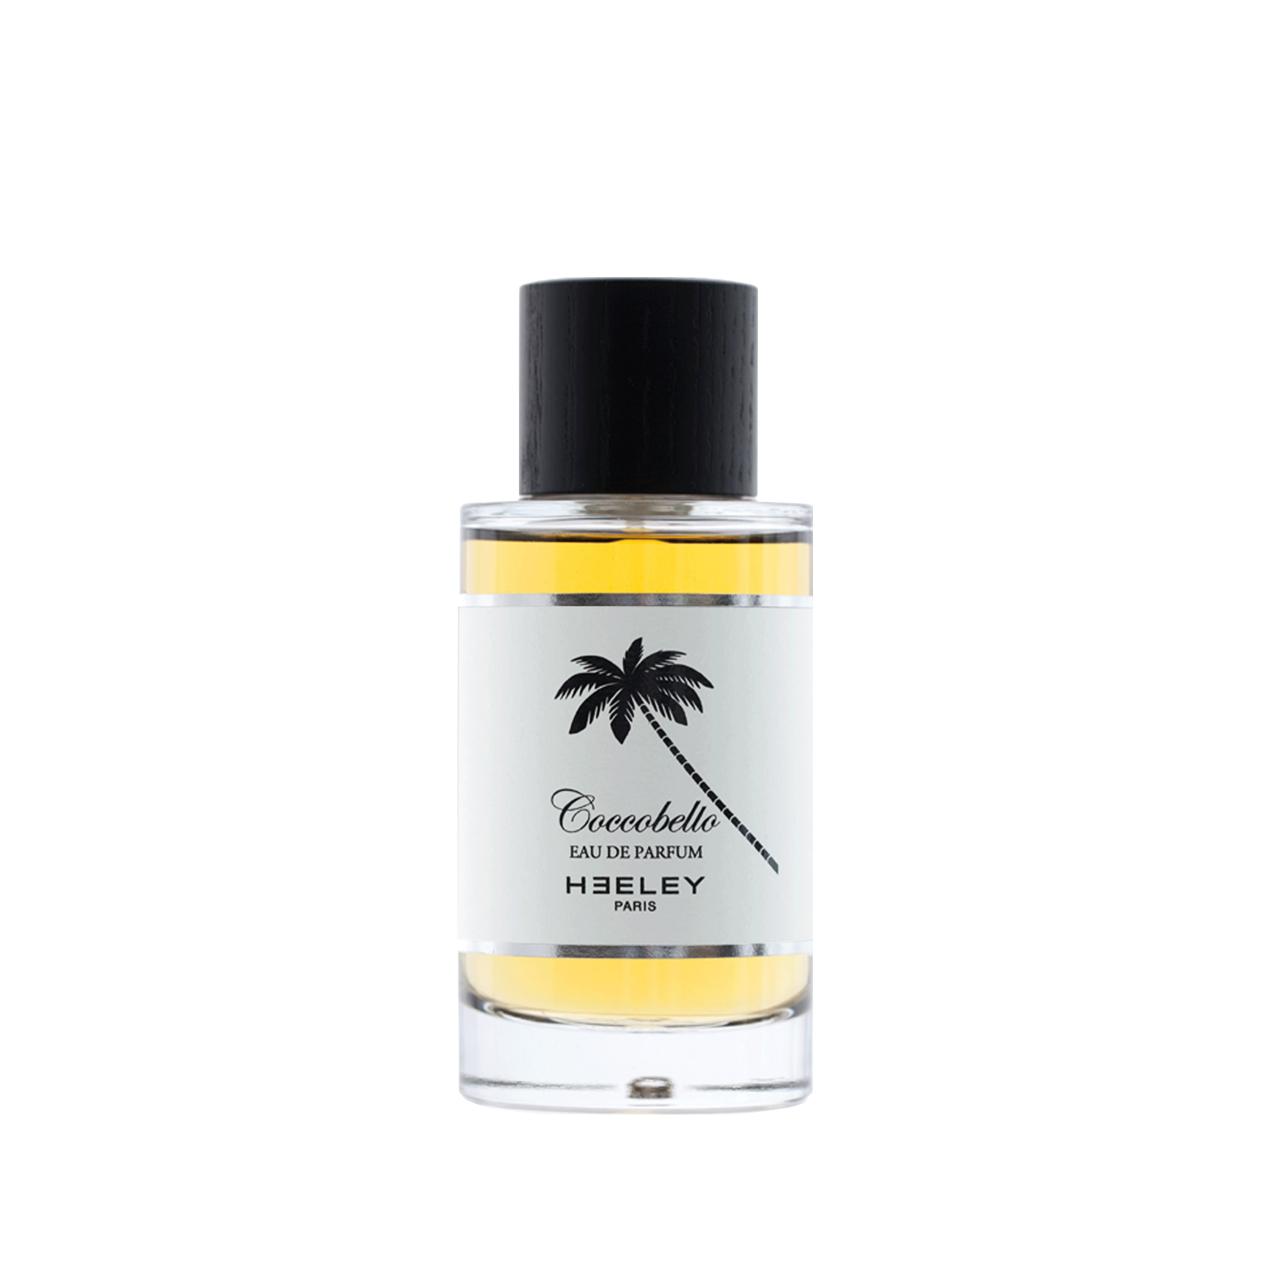 Coccobello - Eau de Parfum